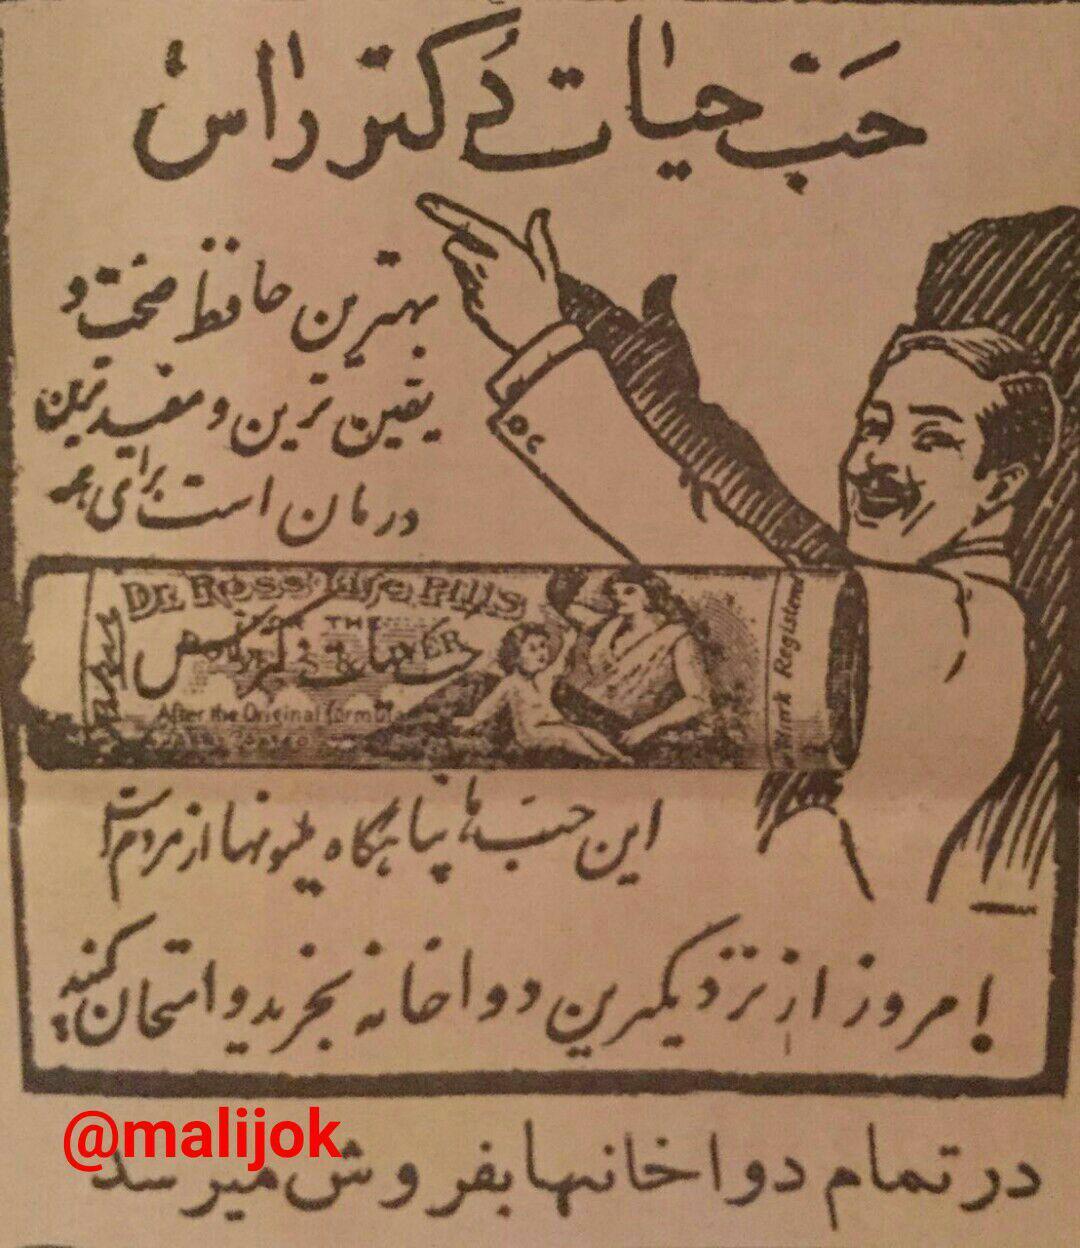 اولین آگهی فروش قرص در ایران/ درخواست سه میلیارد تومانی تتلو /